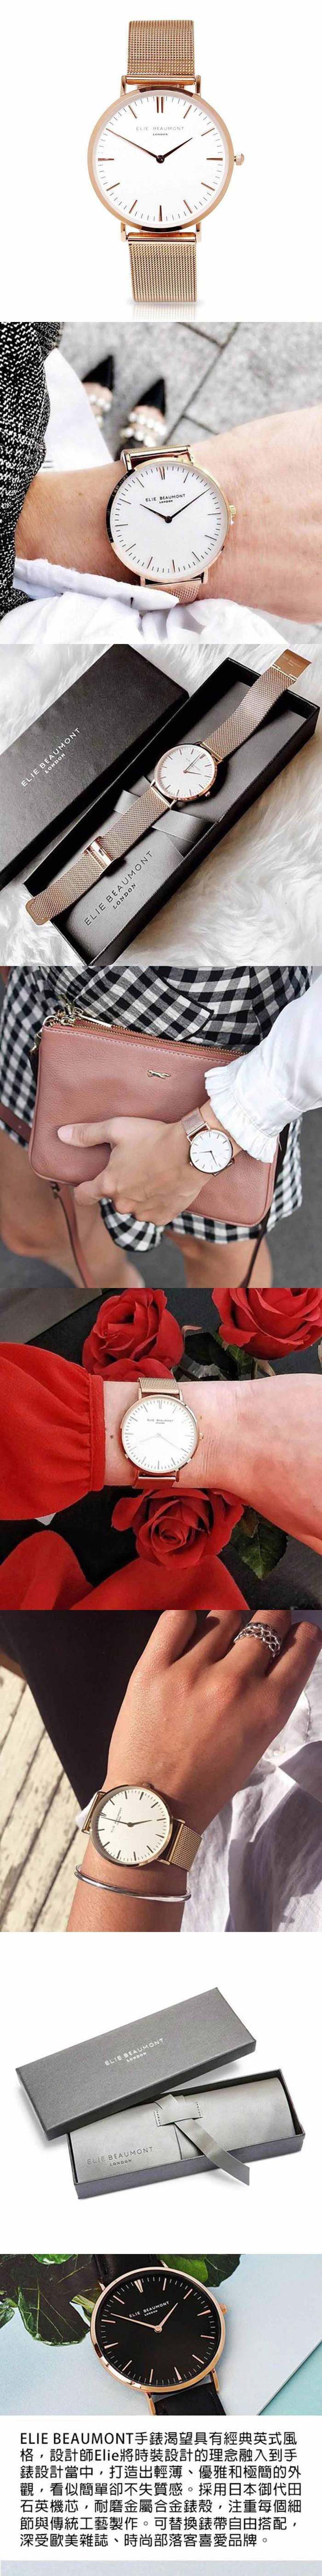 (複製)Elie Beaumont 英國時尚手錶 大理石系列 白錶盤x玫瑰金錶框米蘭錶帶33mm